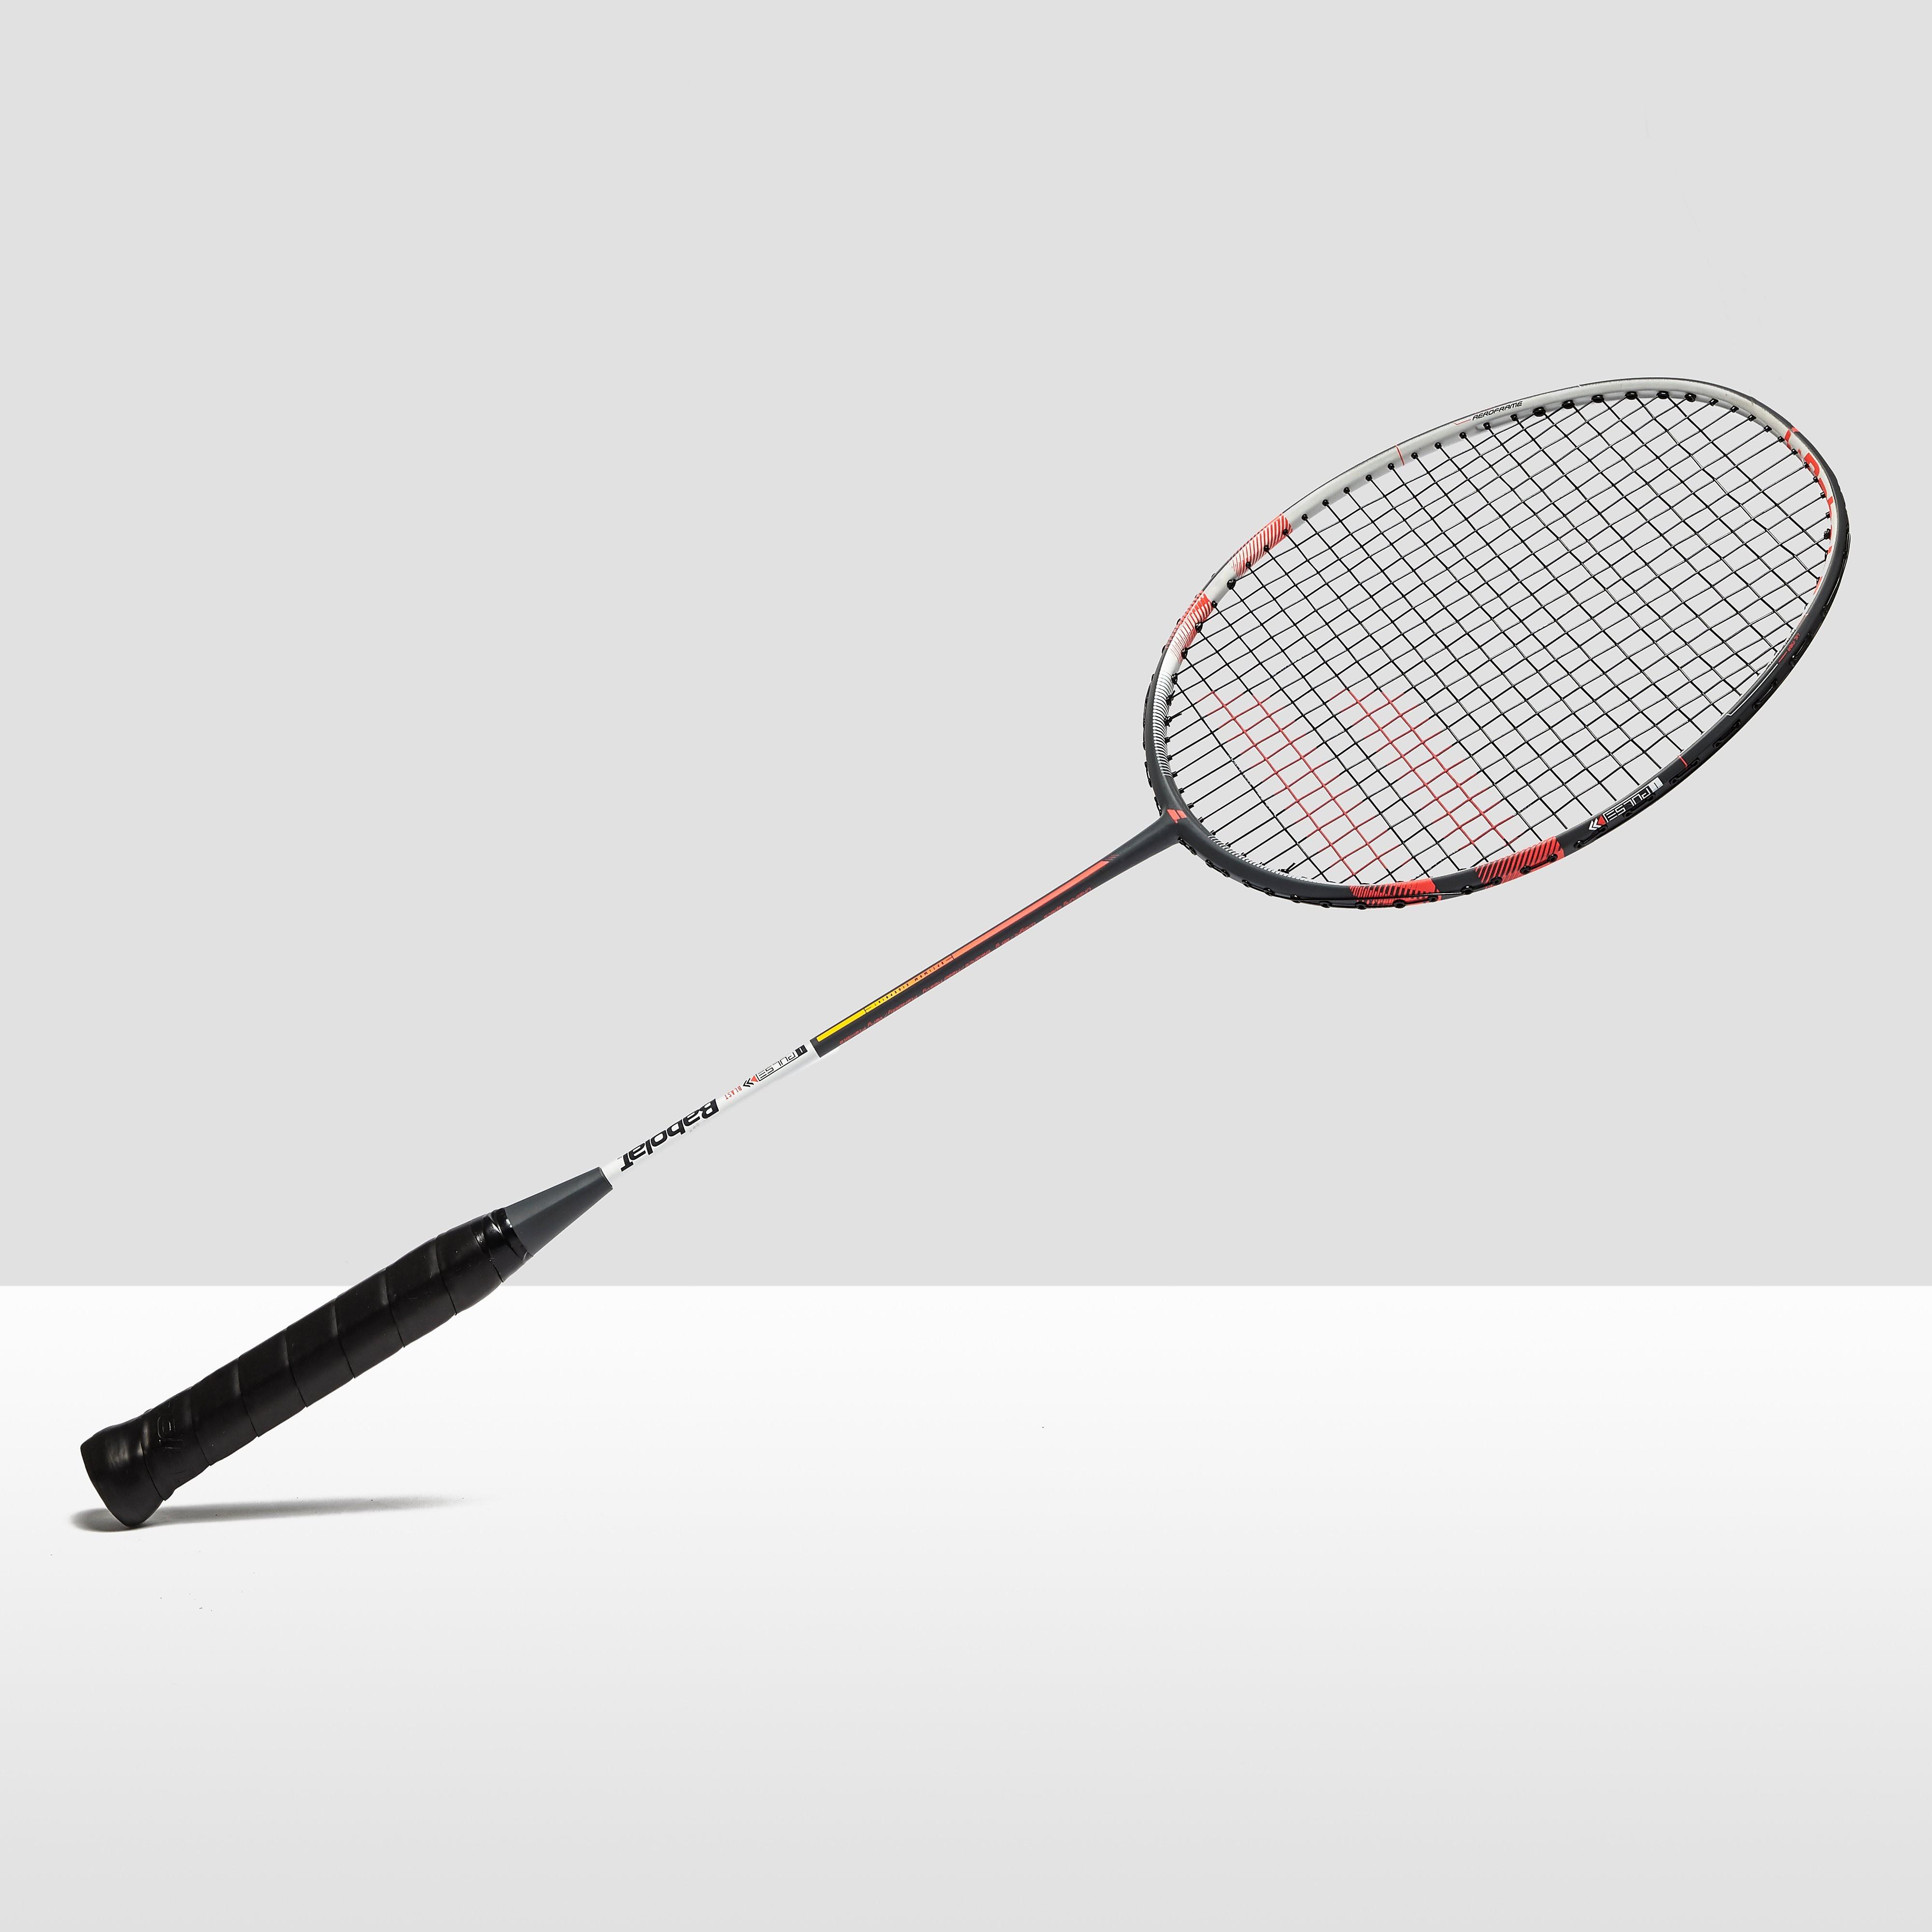 Babolat I-Pulse Black Racket